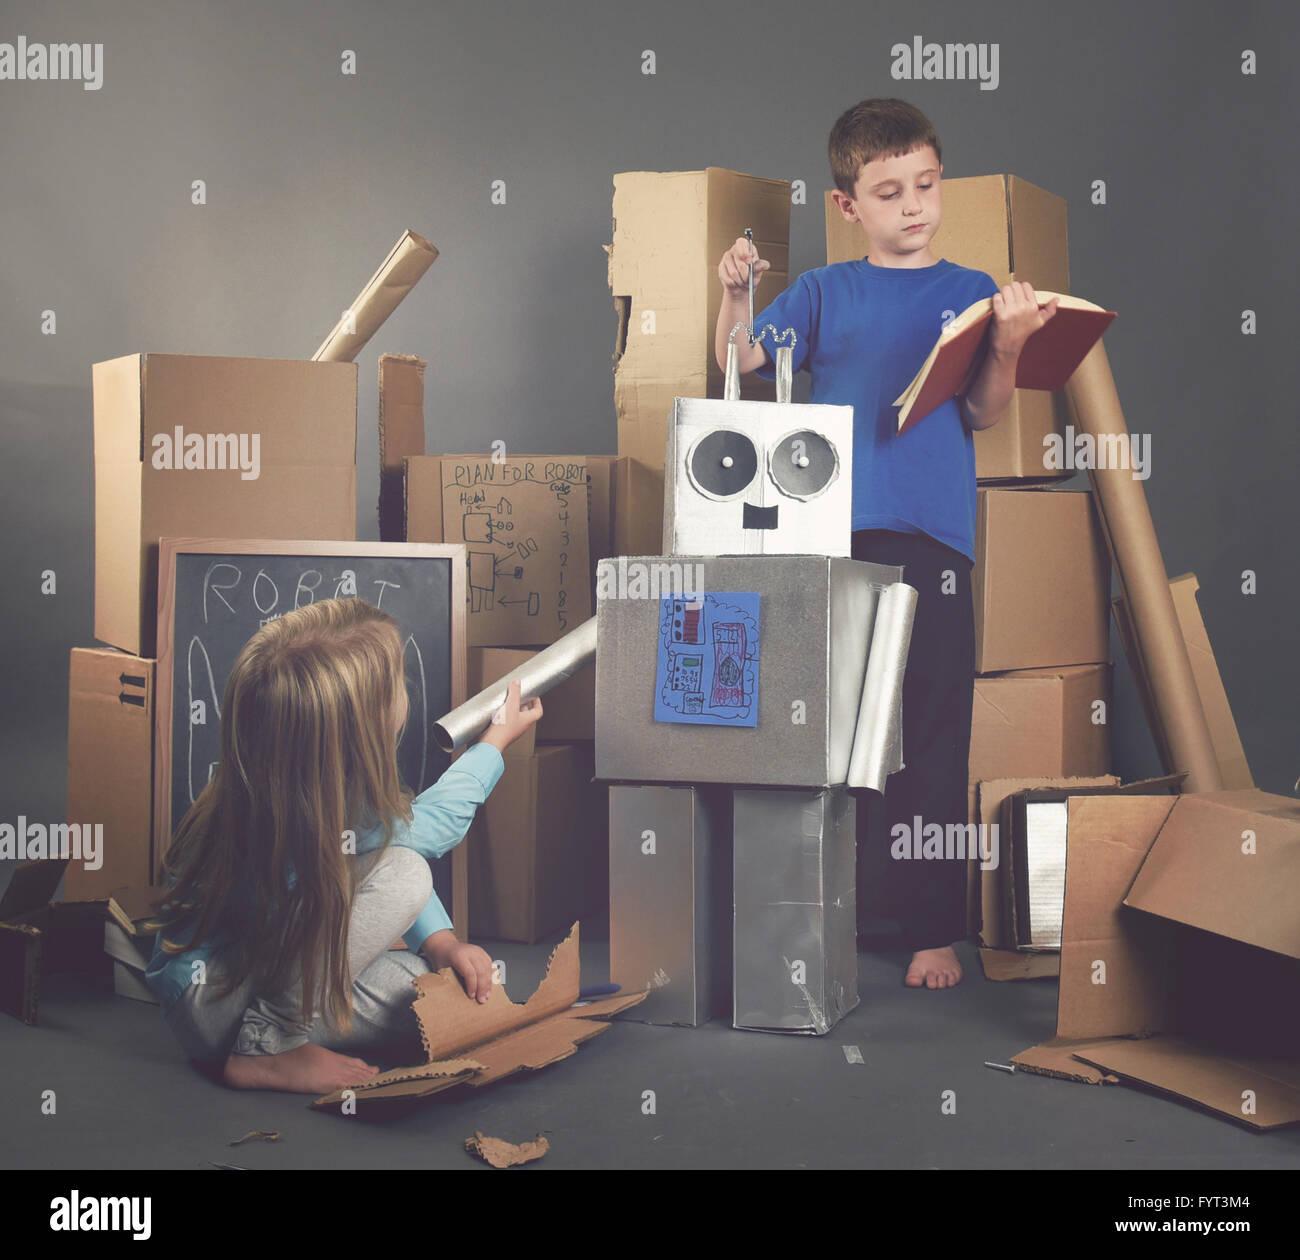 Zwei Kinder bauen einen Metall Roboter aus Pappkartons mit Werkzeugen und Bücher für eine Fantasie, Wissenschaft Stockbild